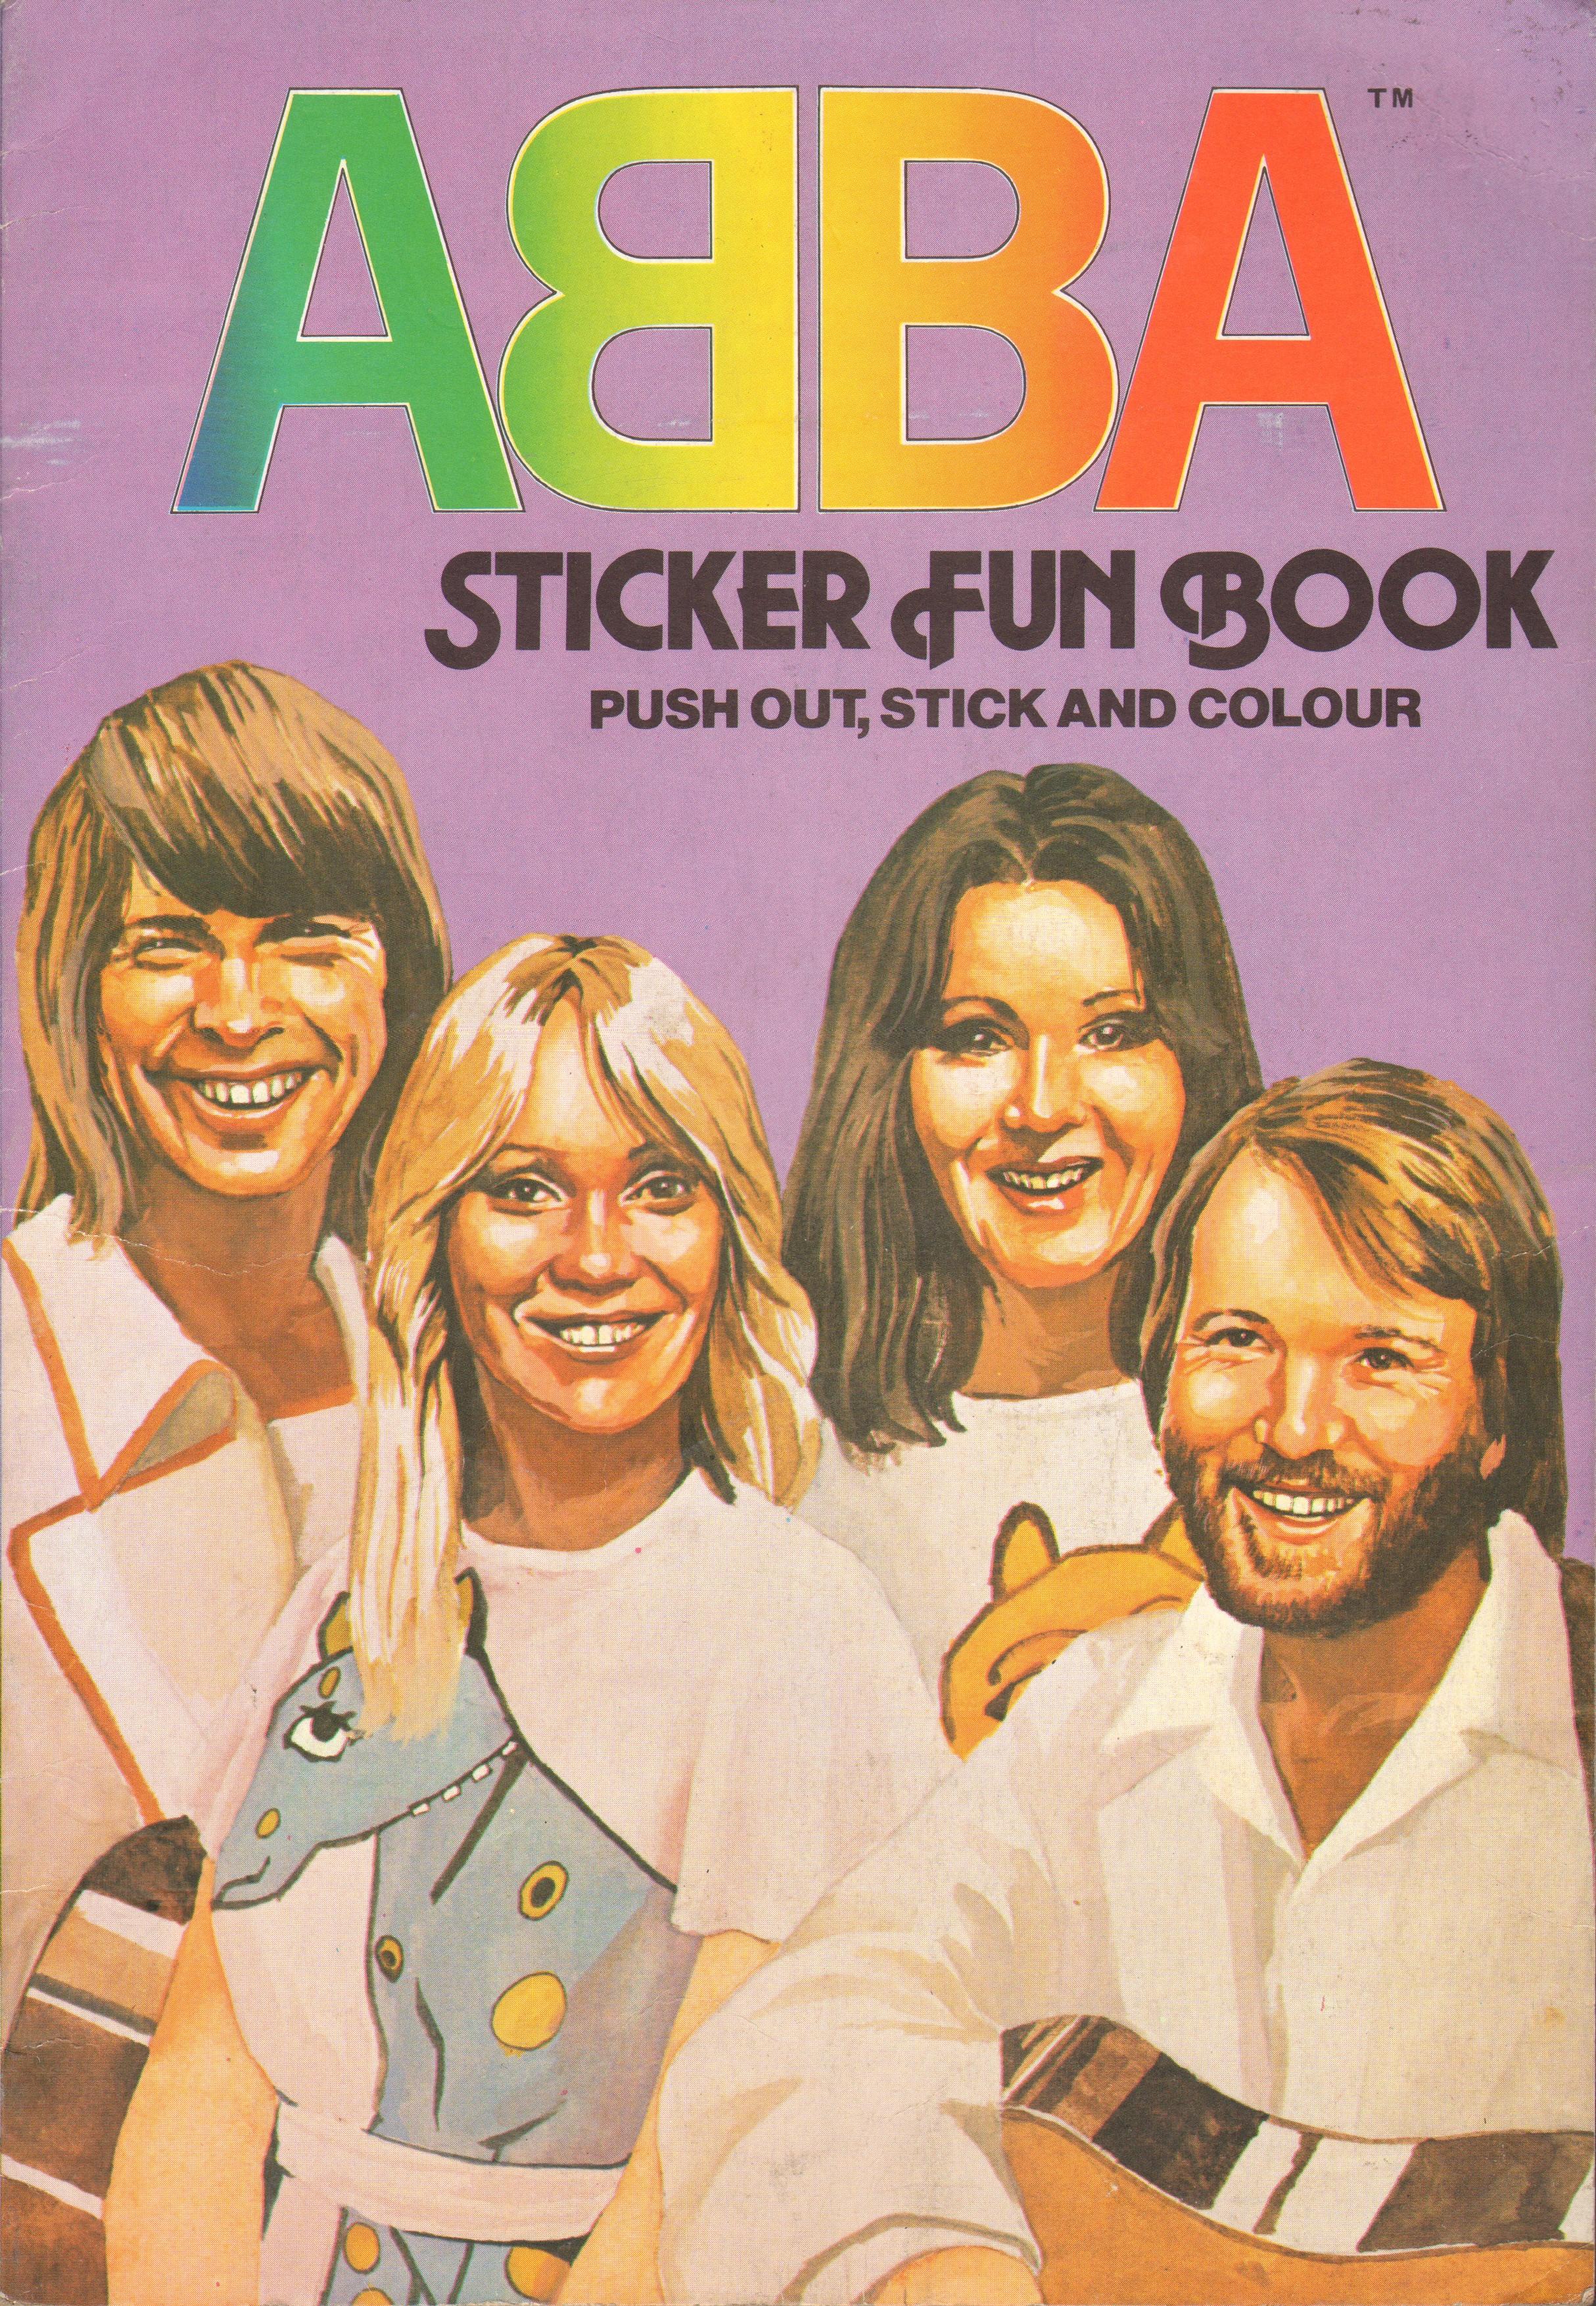 sticker fun book - uk.jpg